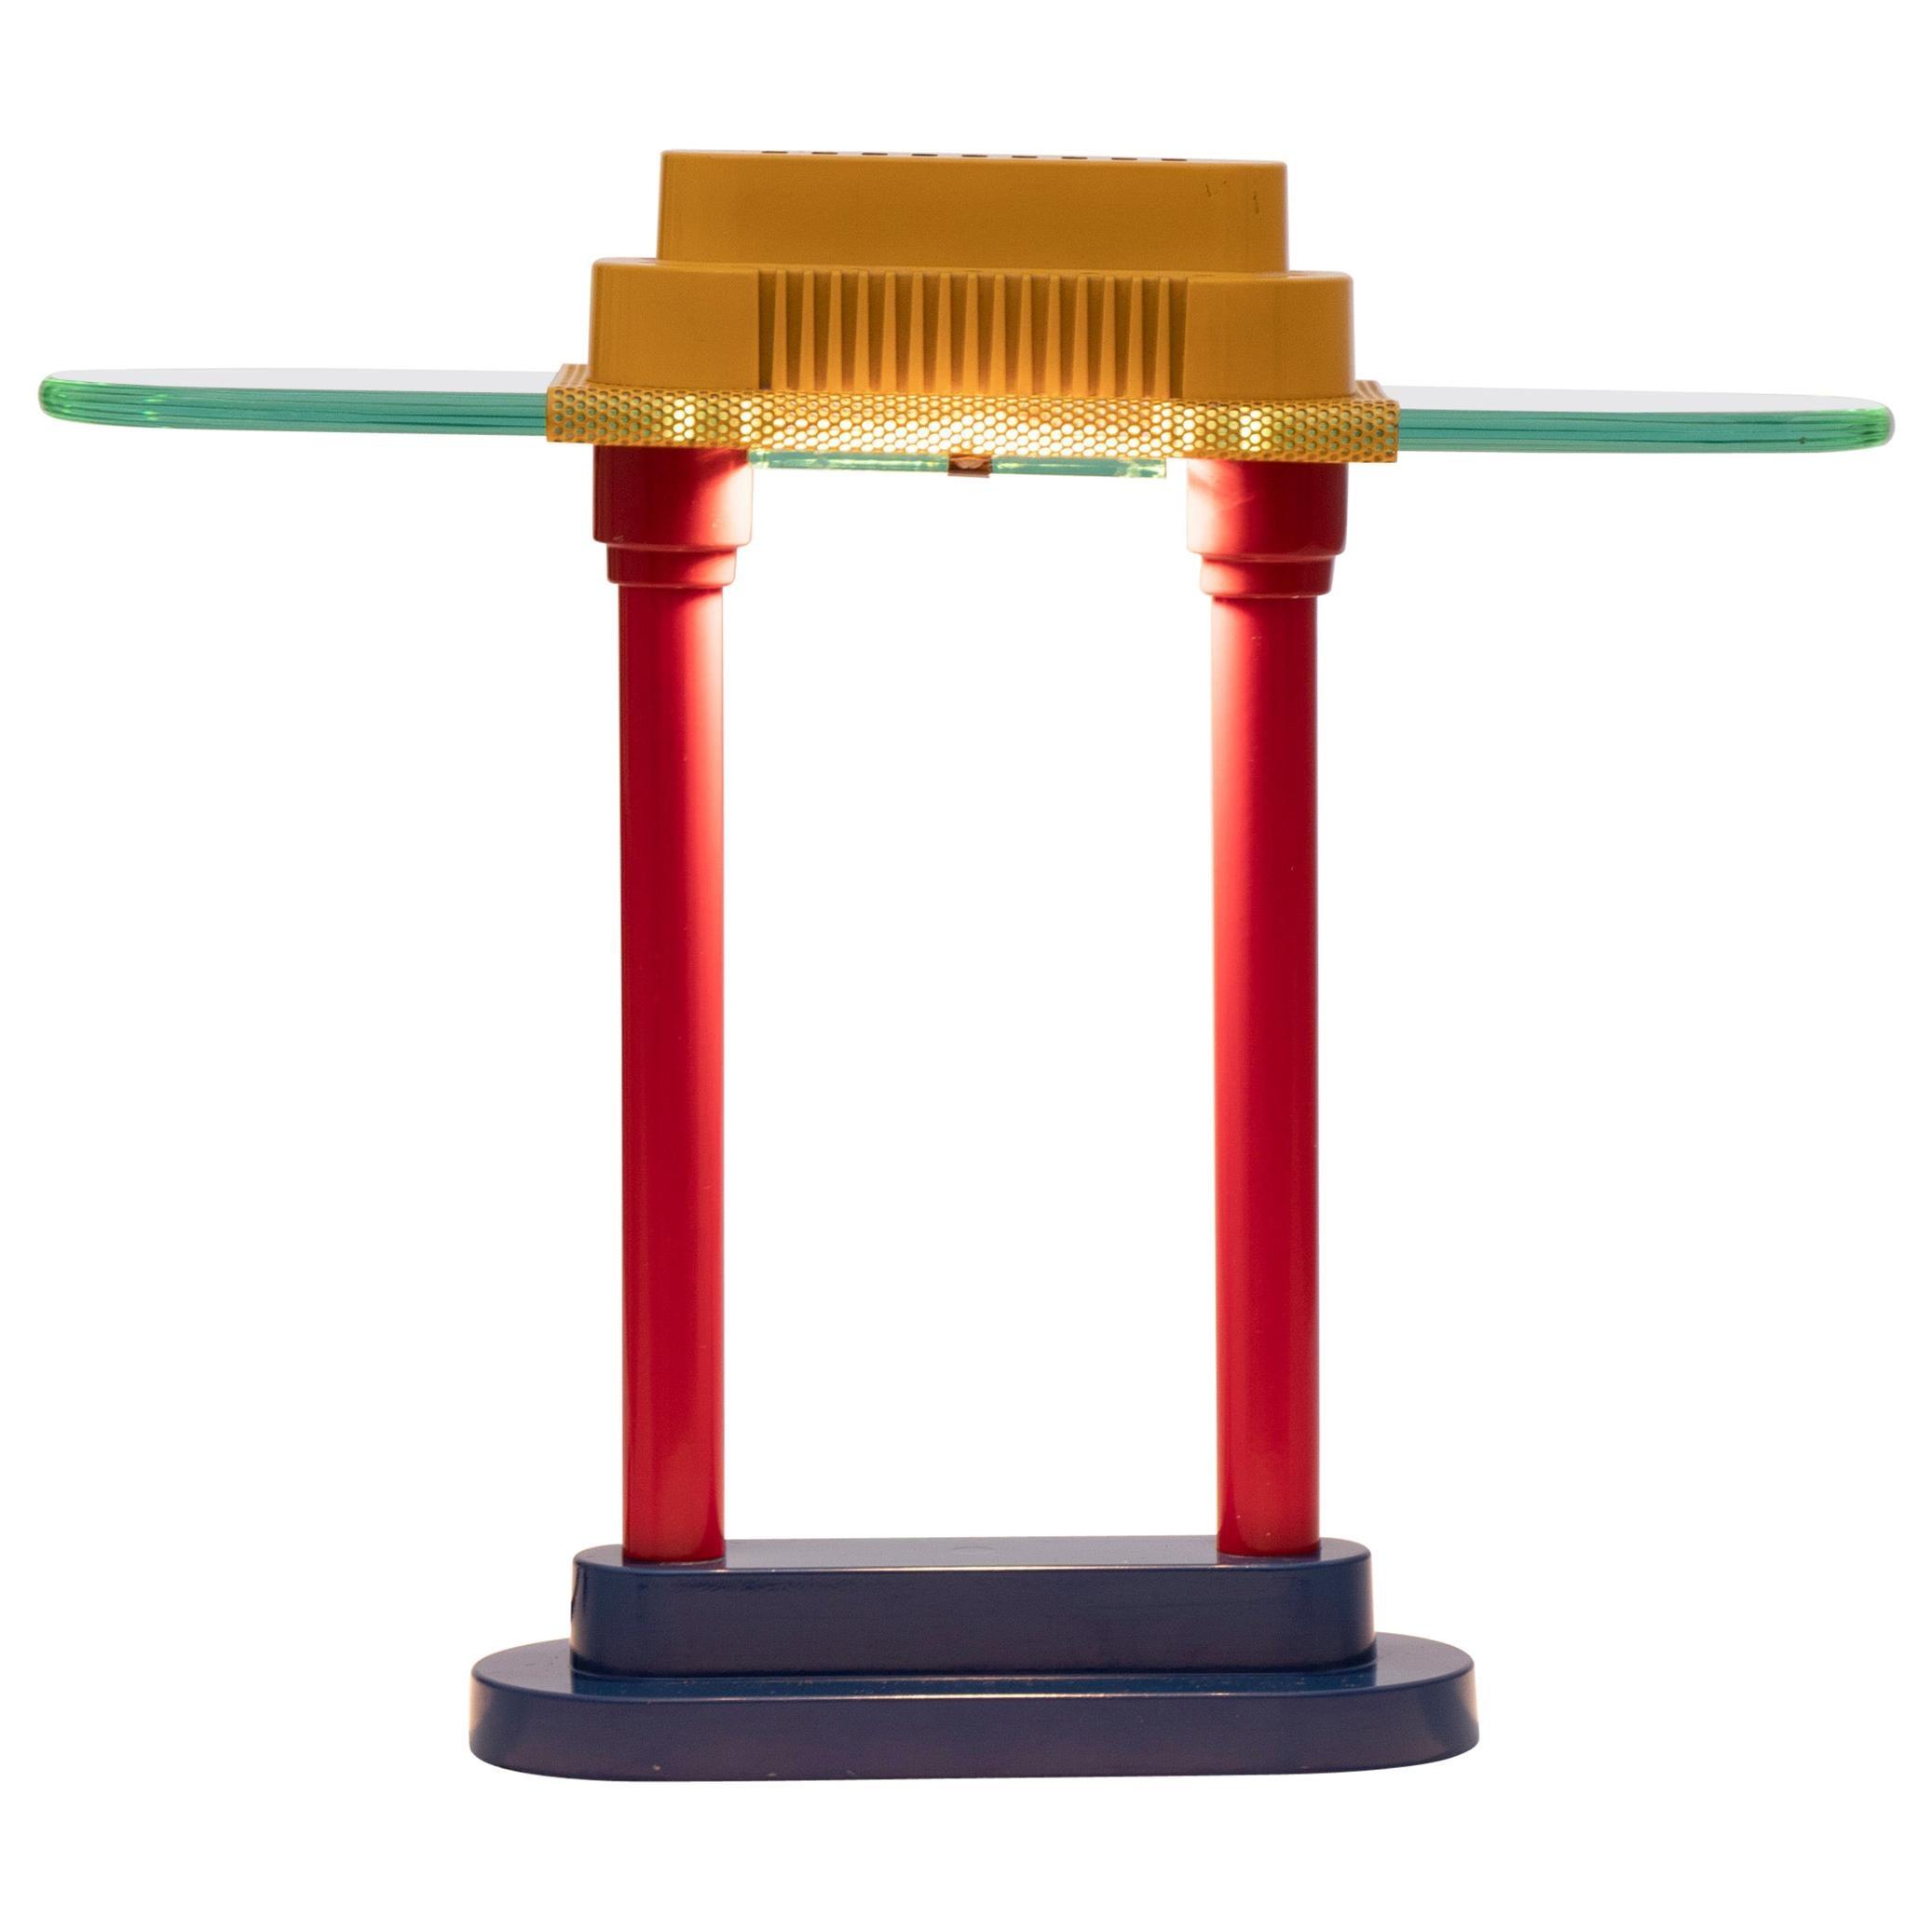 Desk Lamp by Robert Sonneman for George Kovacs